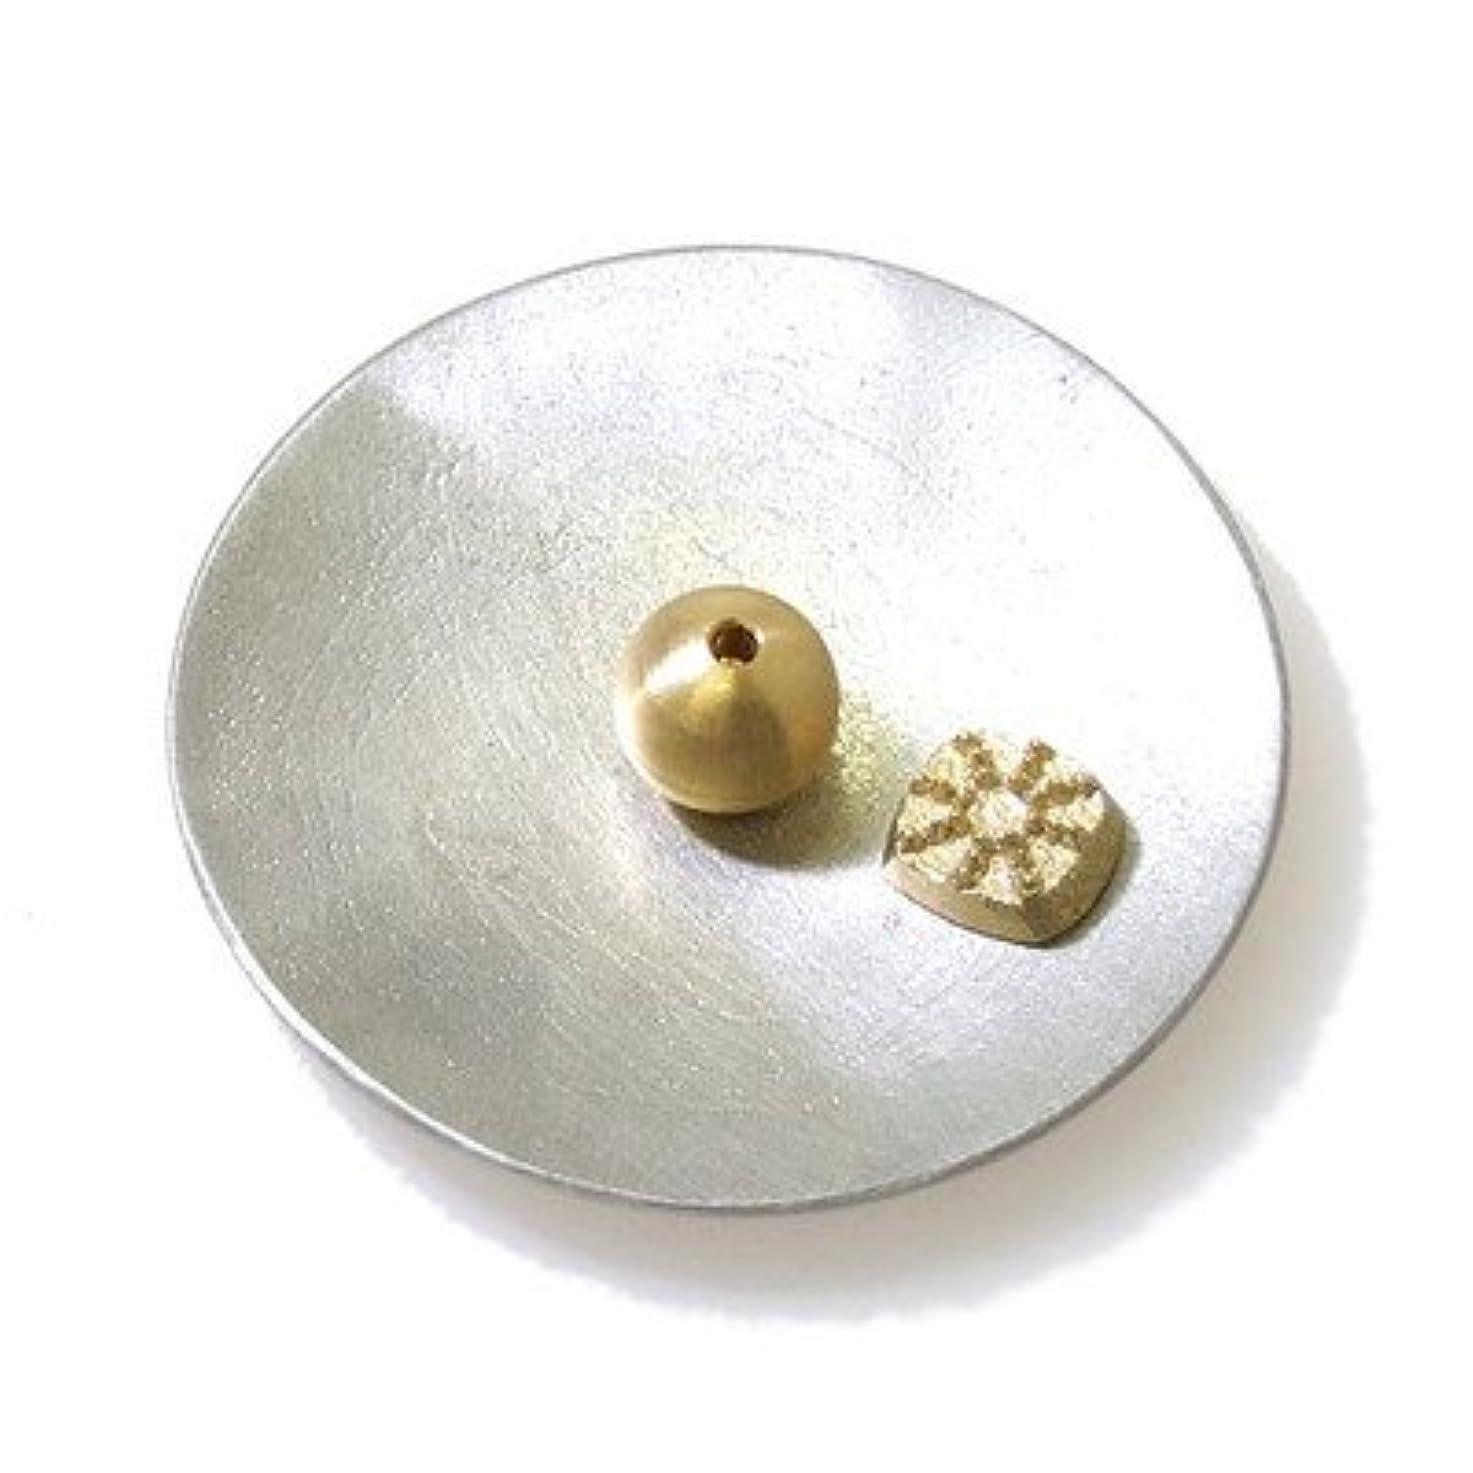 ファックス熱心なパン能作 (のうさく) 香の器セット-丸- 錫